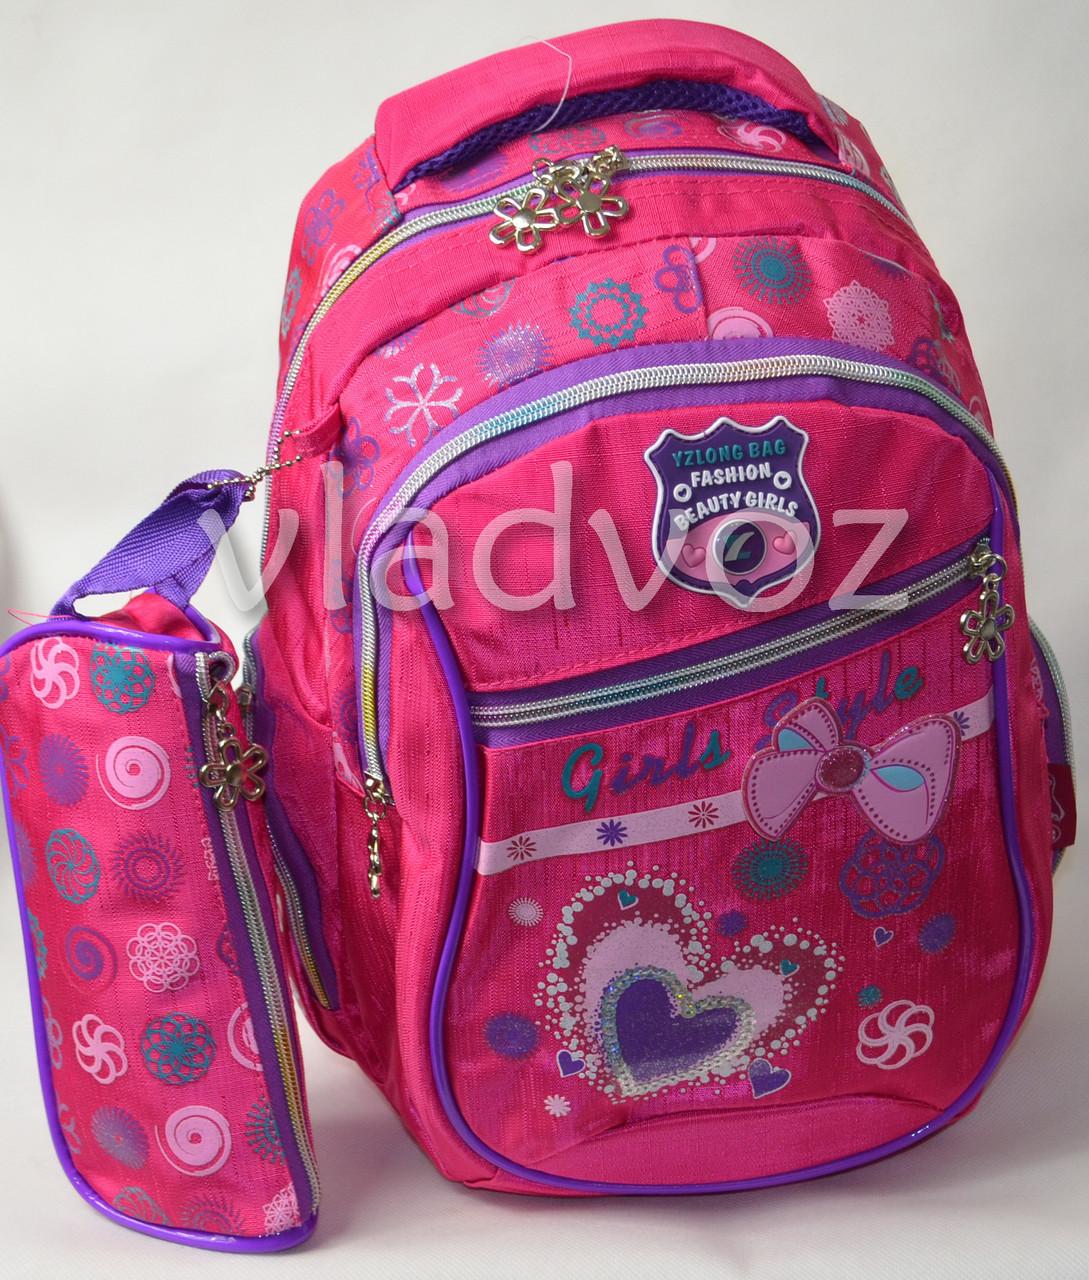 937f79133693 Школьный рюкзак для девочки с пеналом бантик малиновый - ☎ VIBER 0977864700  интернет магазин vladvoz.